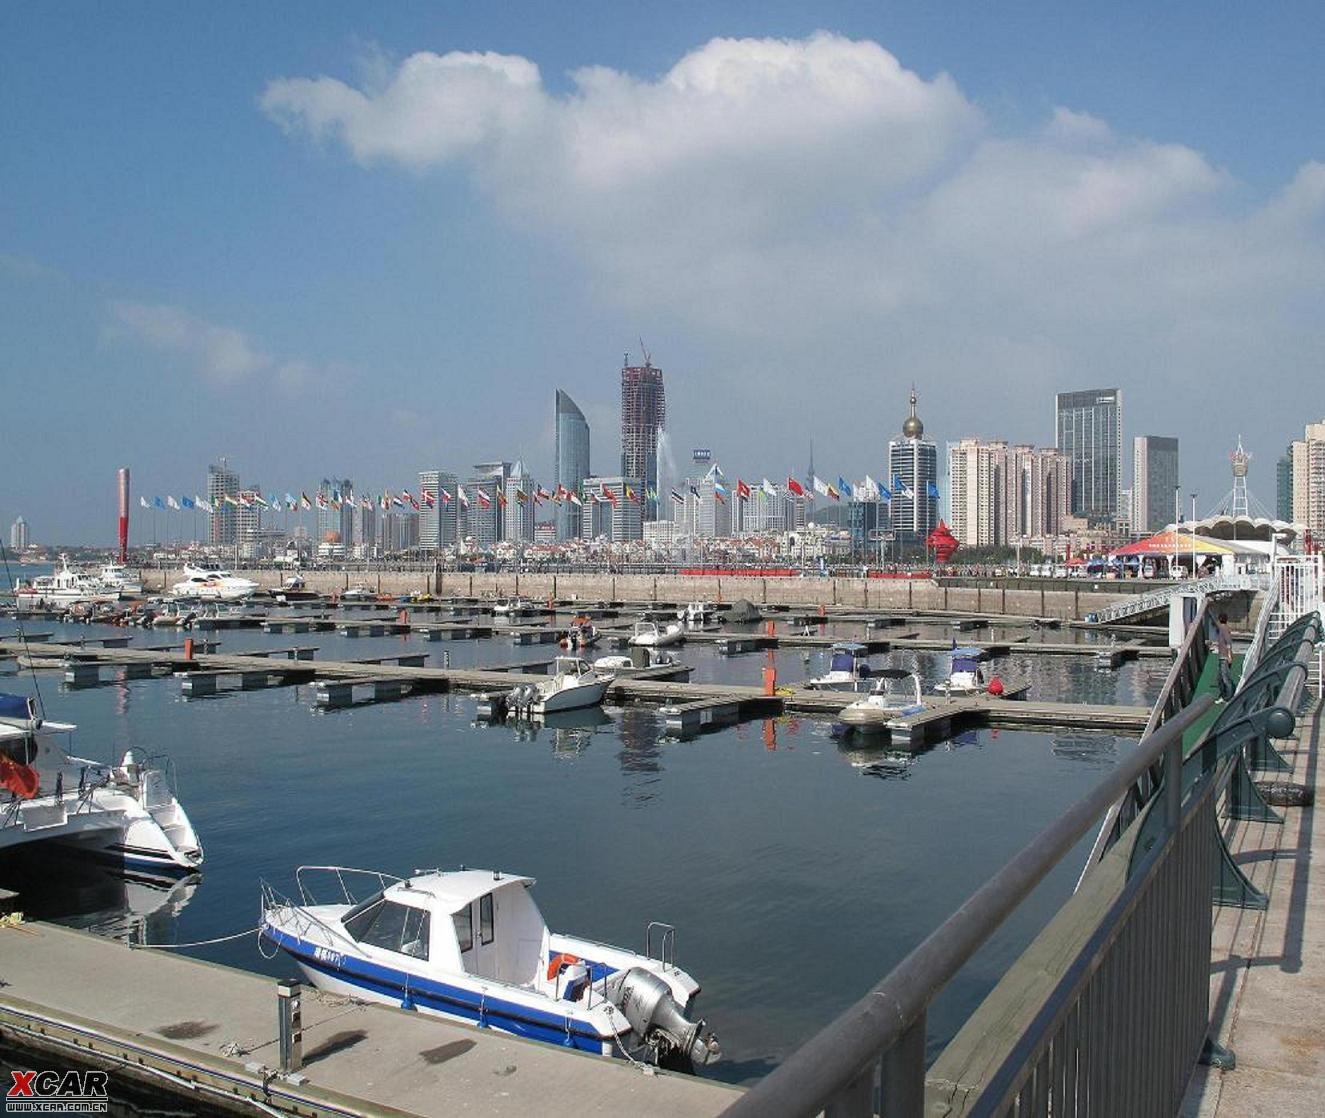 青岛论坛 帖子详情             国庆节的天气太适合出海了 附件